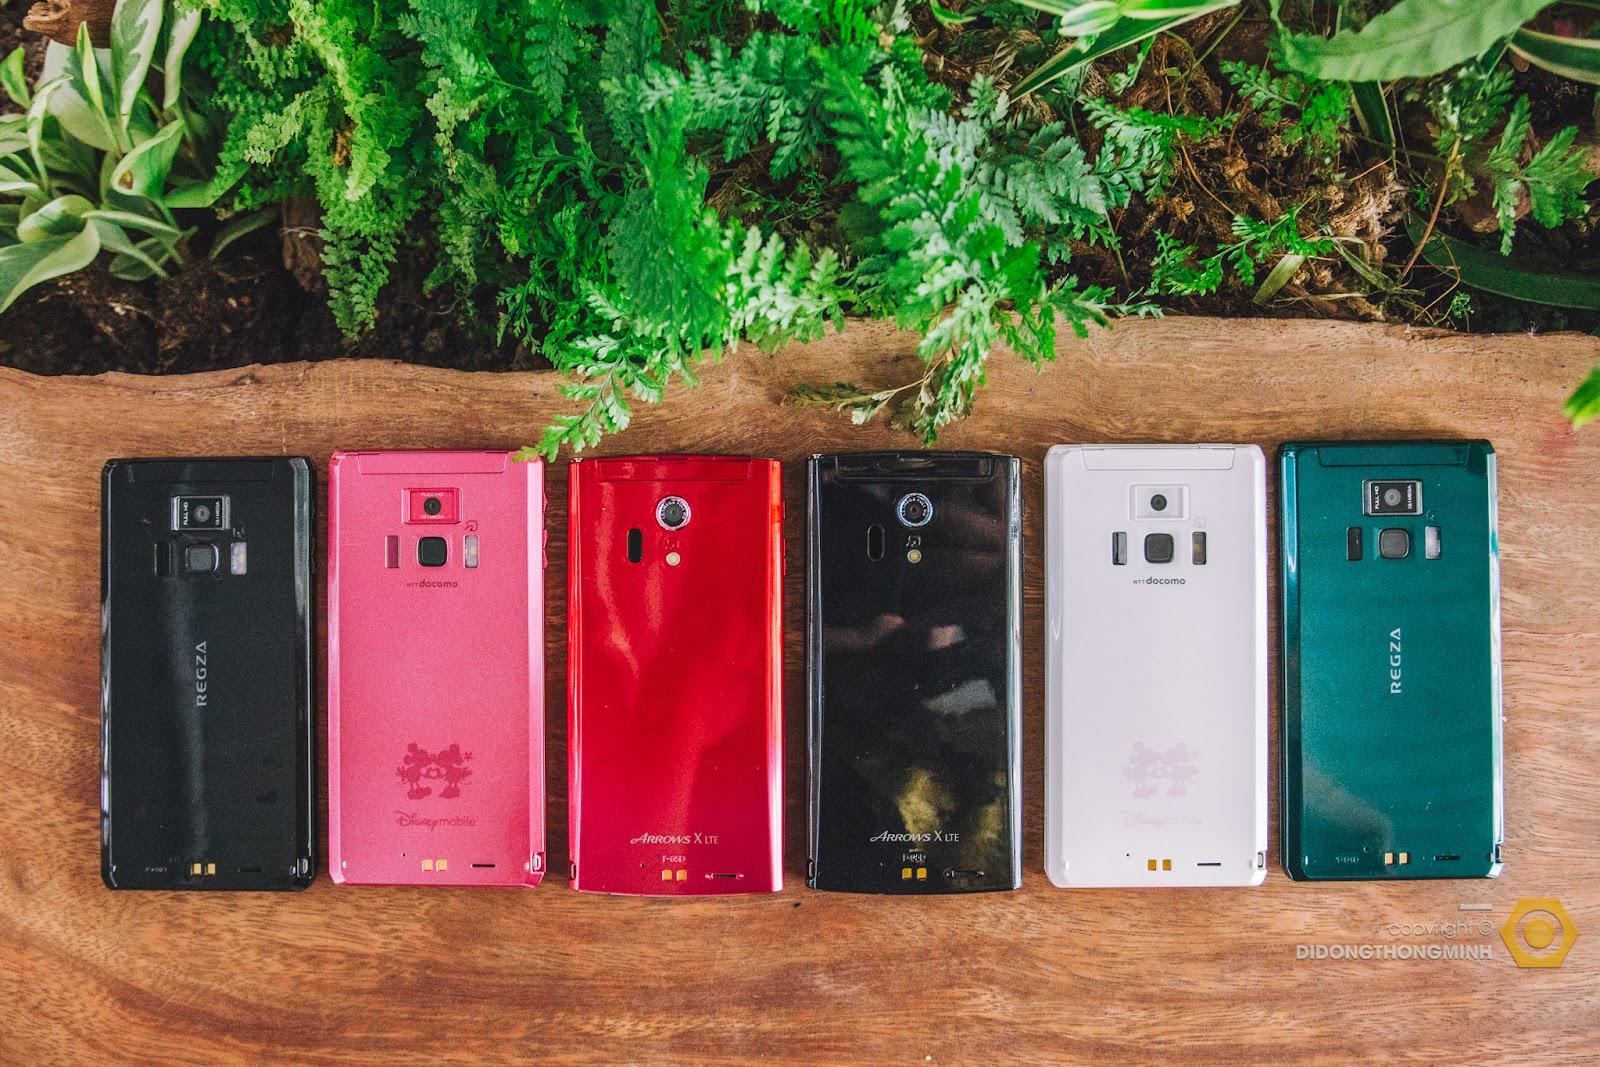 Docomo Regza Fujitsu F 08D - Smartphone tốt nhất giá dưới 1 triệu